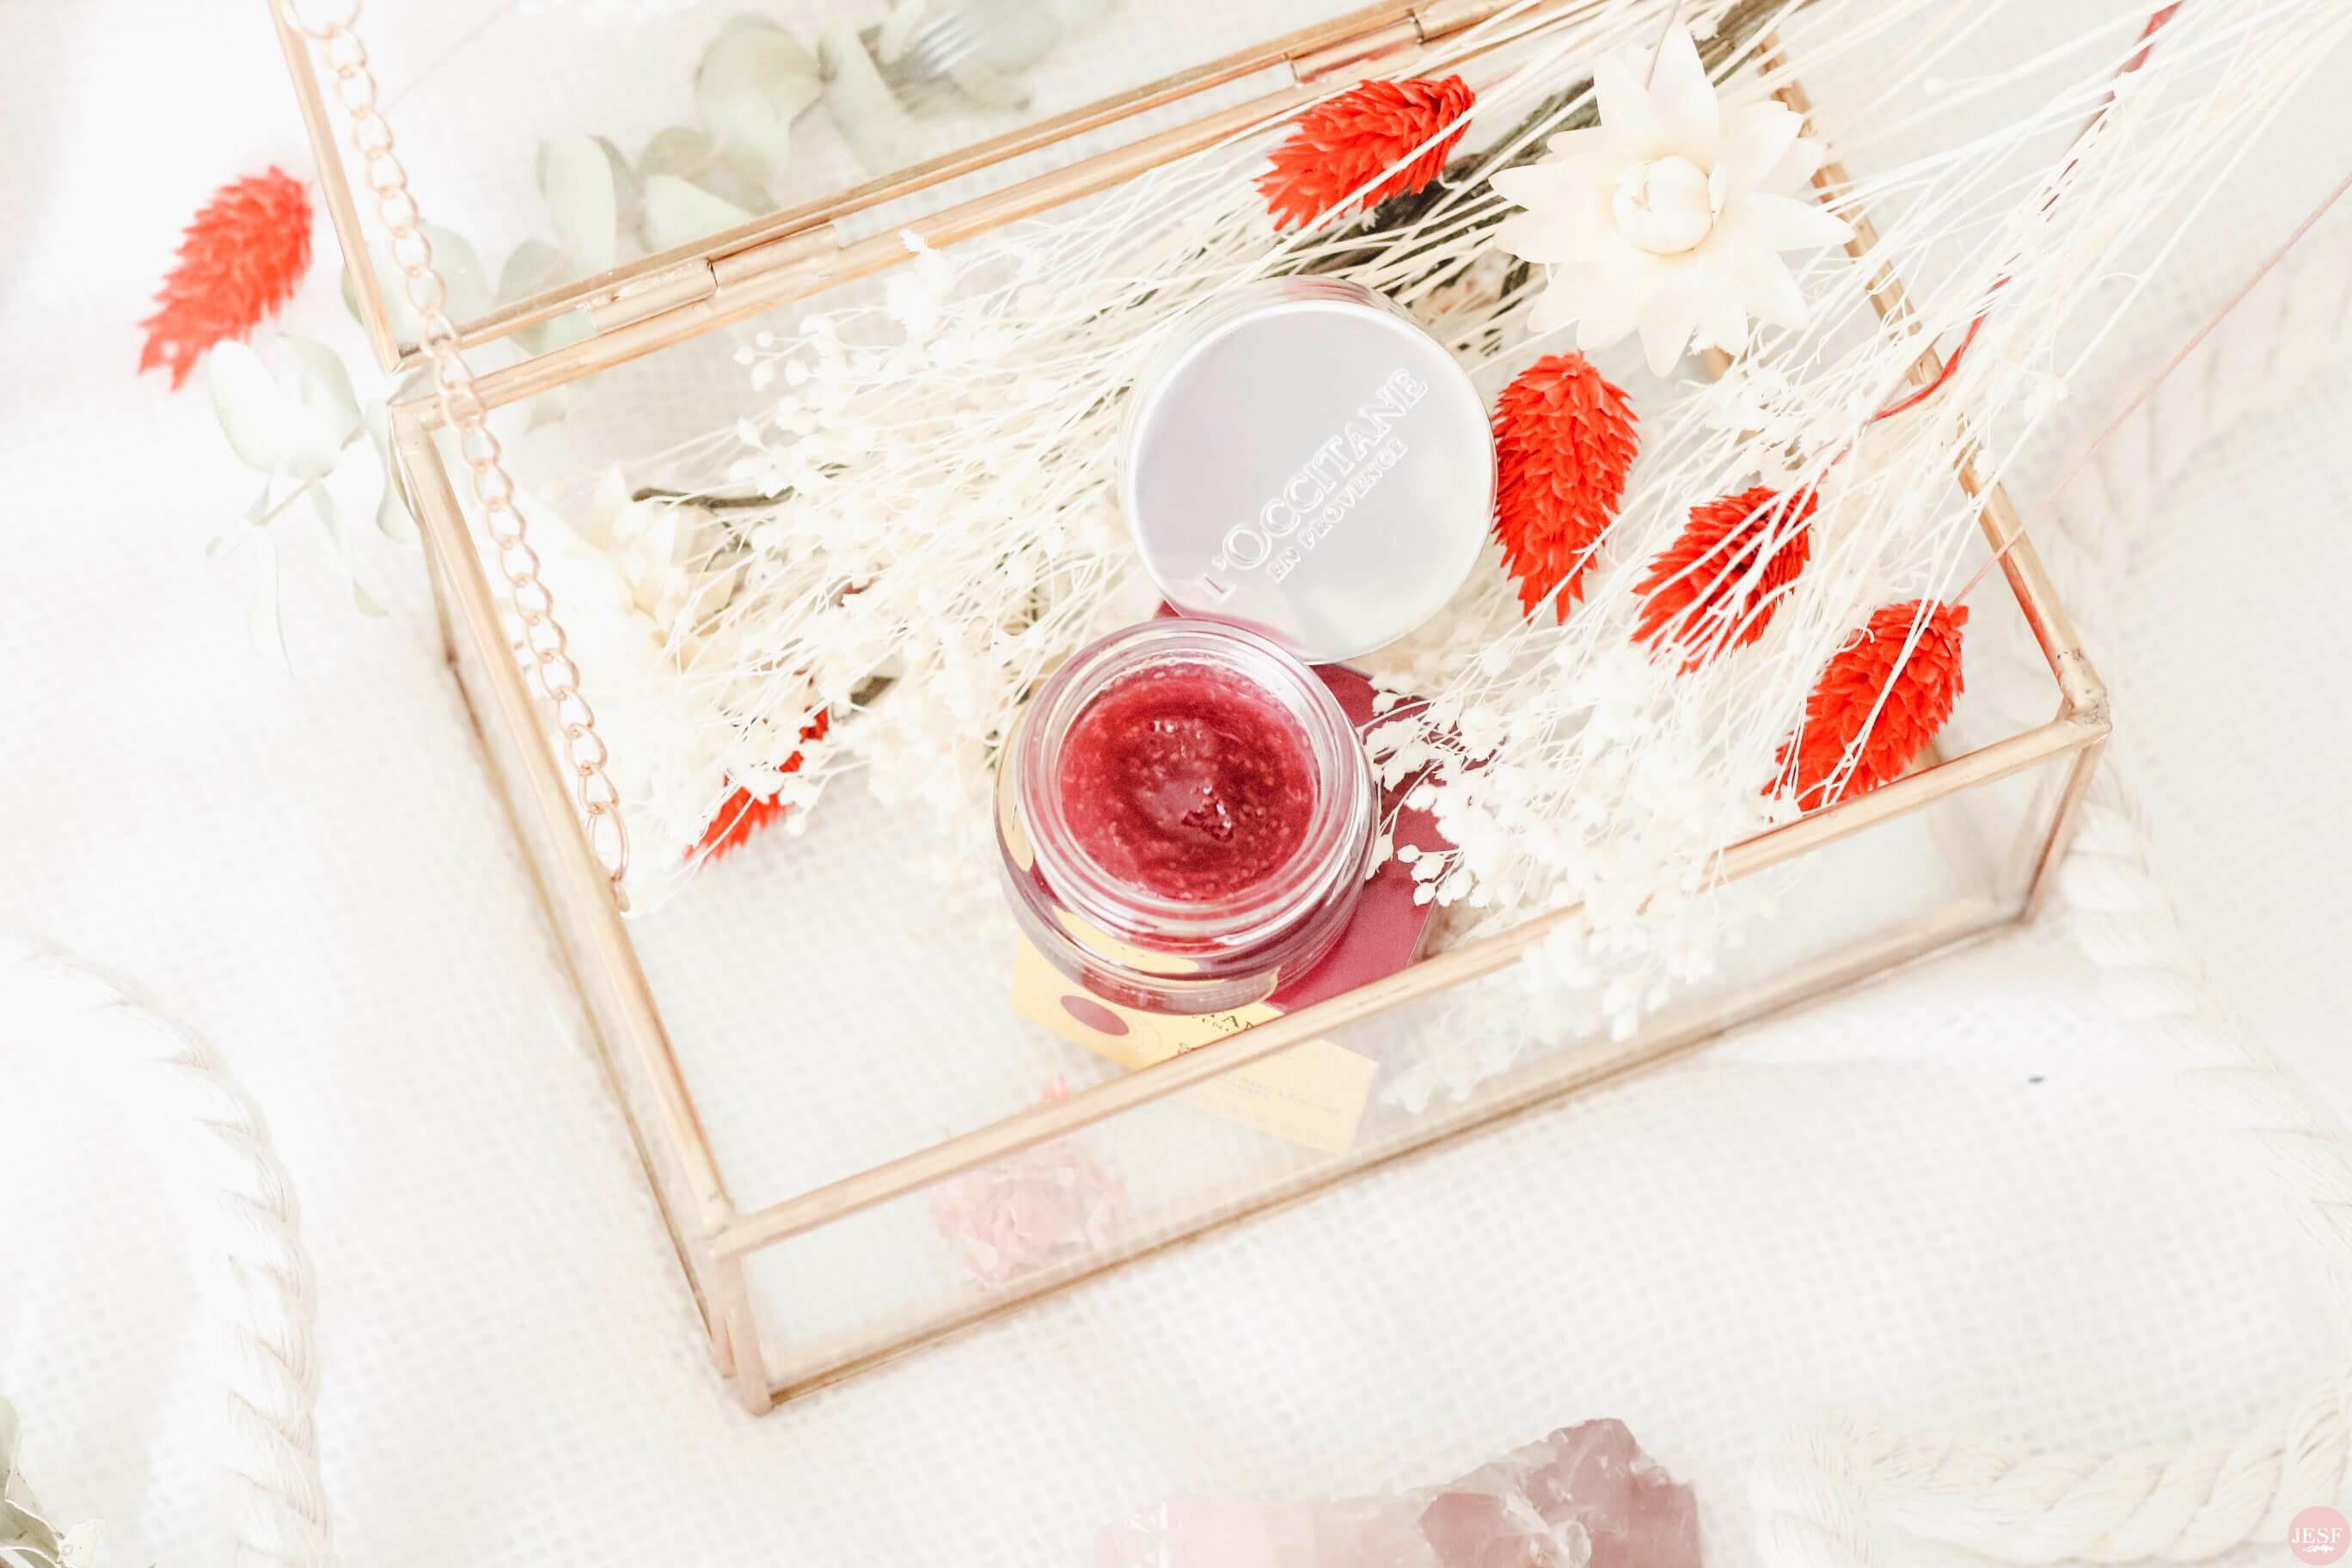 nouvelle-gamme-makeup-maquillage-loccitane-avis